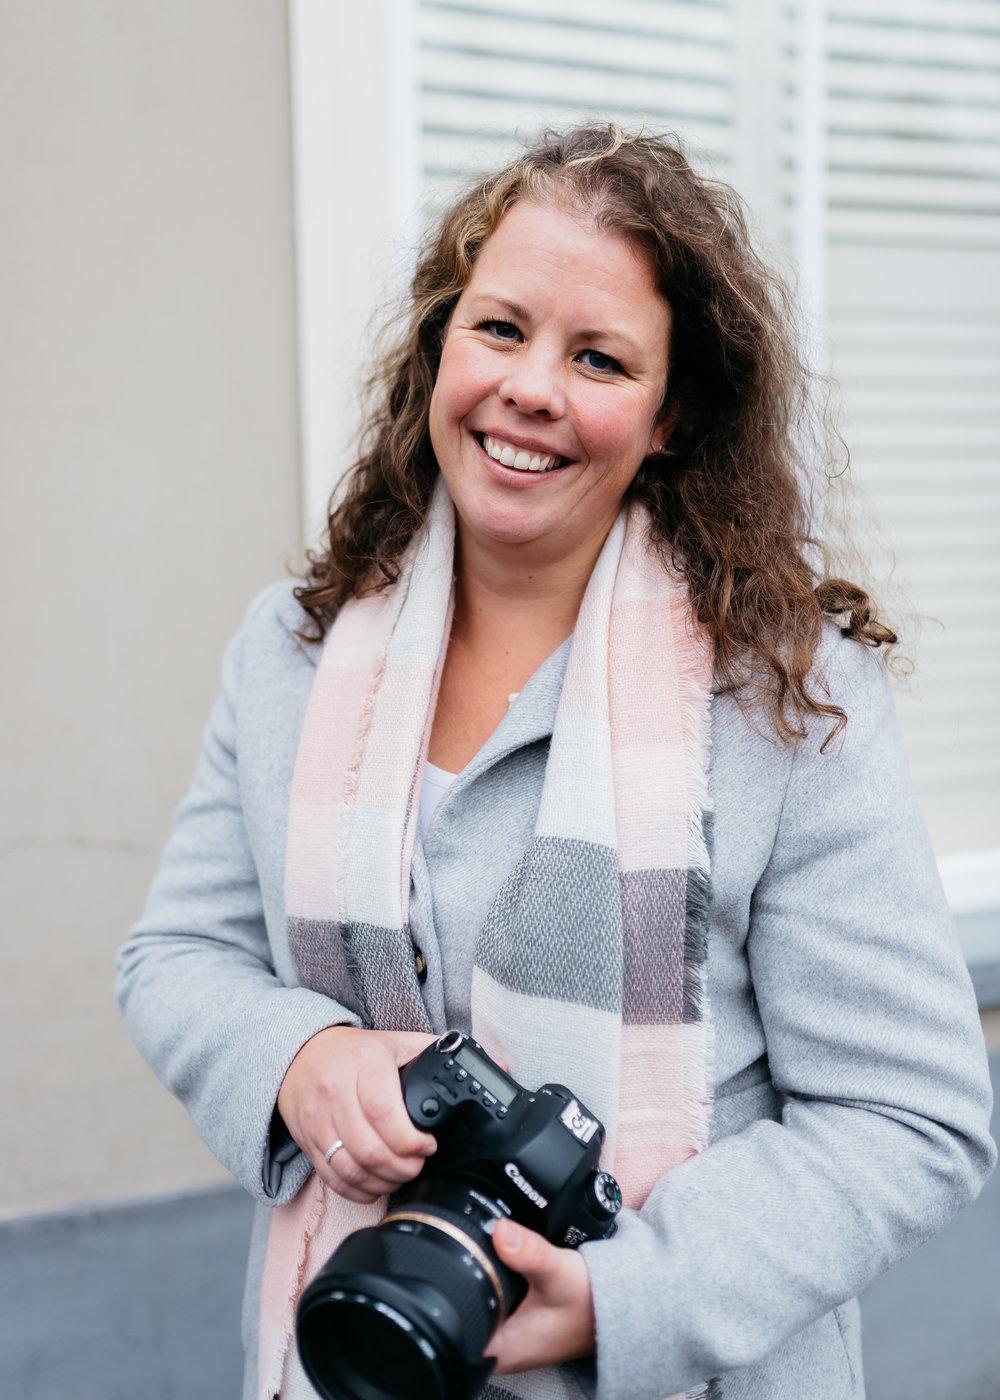 Ilse Moonen - iep Bergsma Fotografie - Vrouwelijke ondernemers - fotograaf 25.jpg